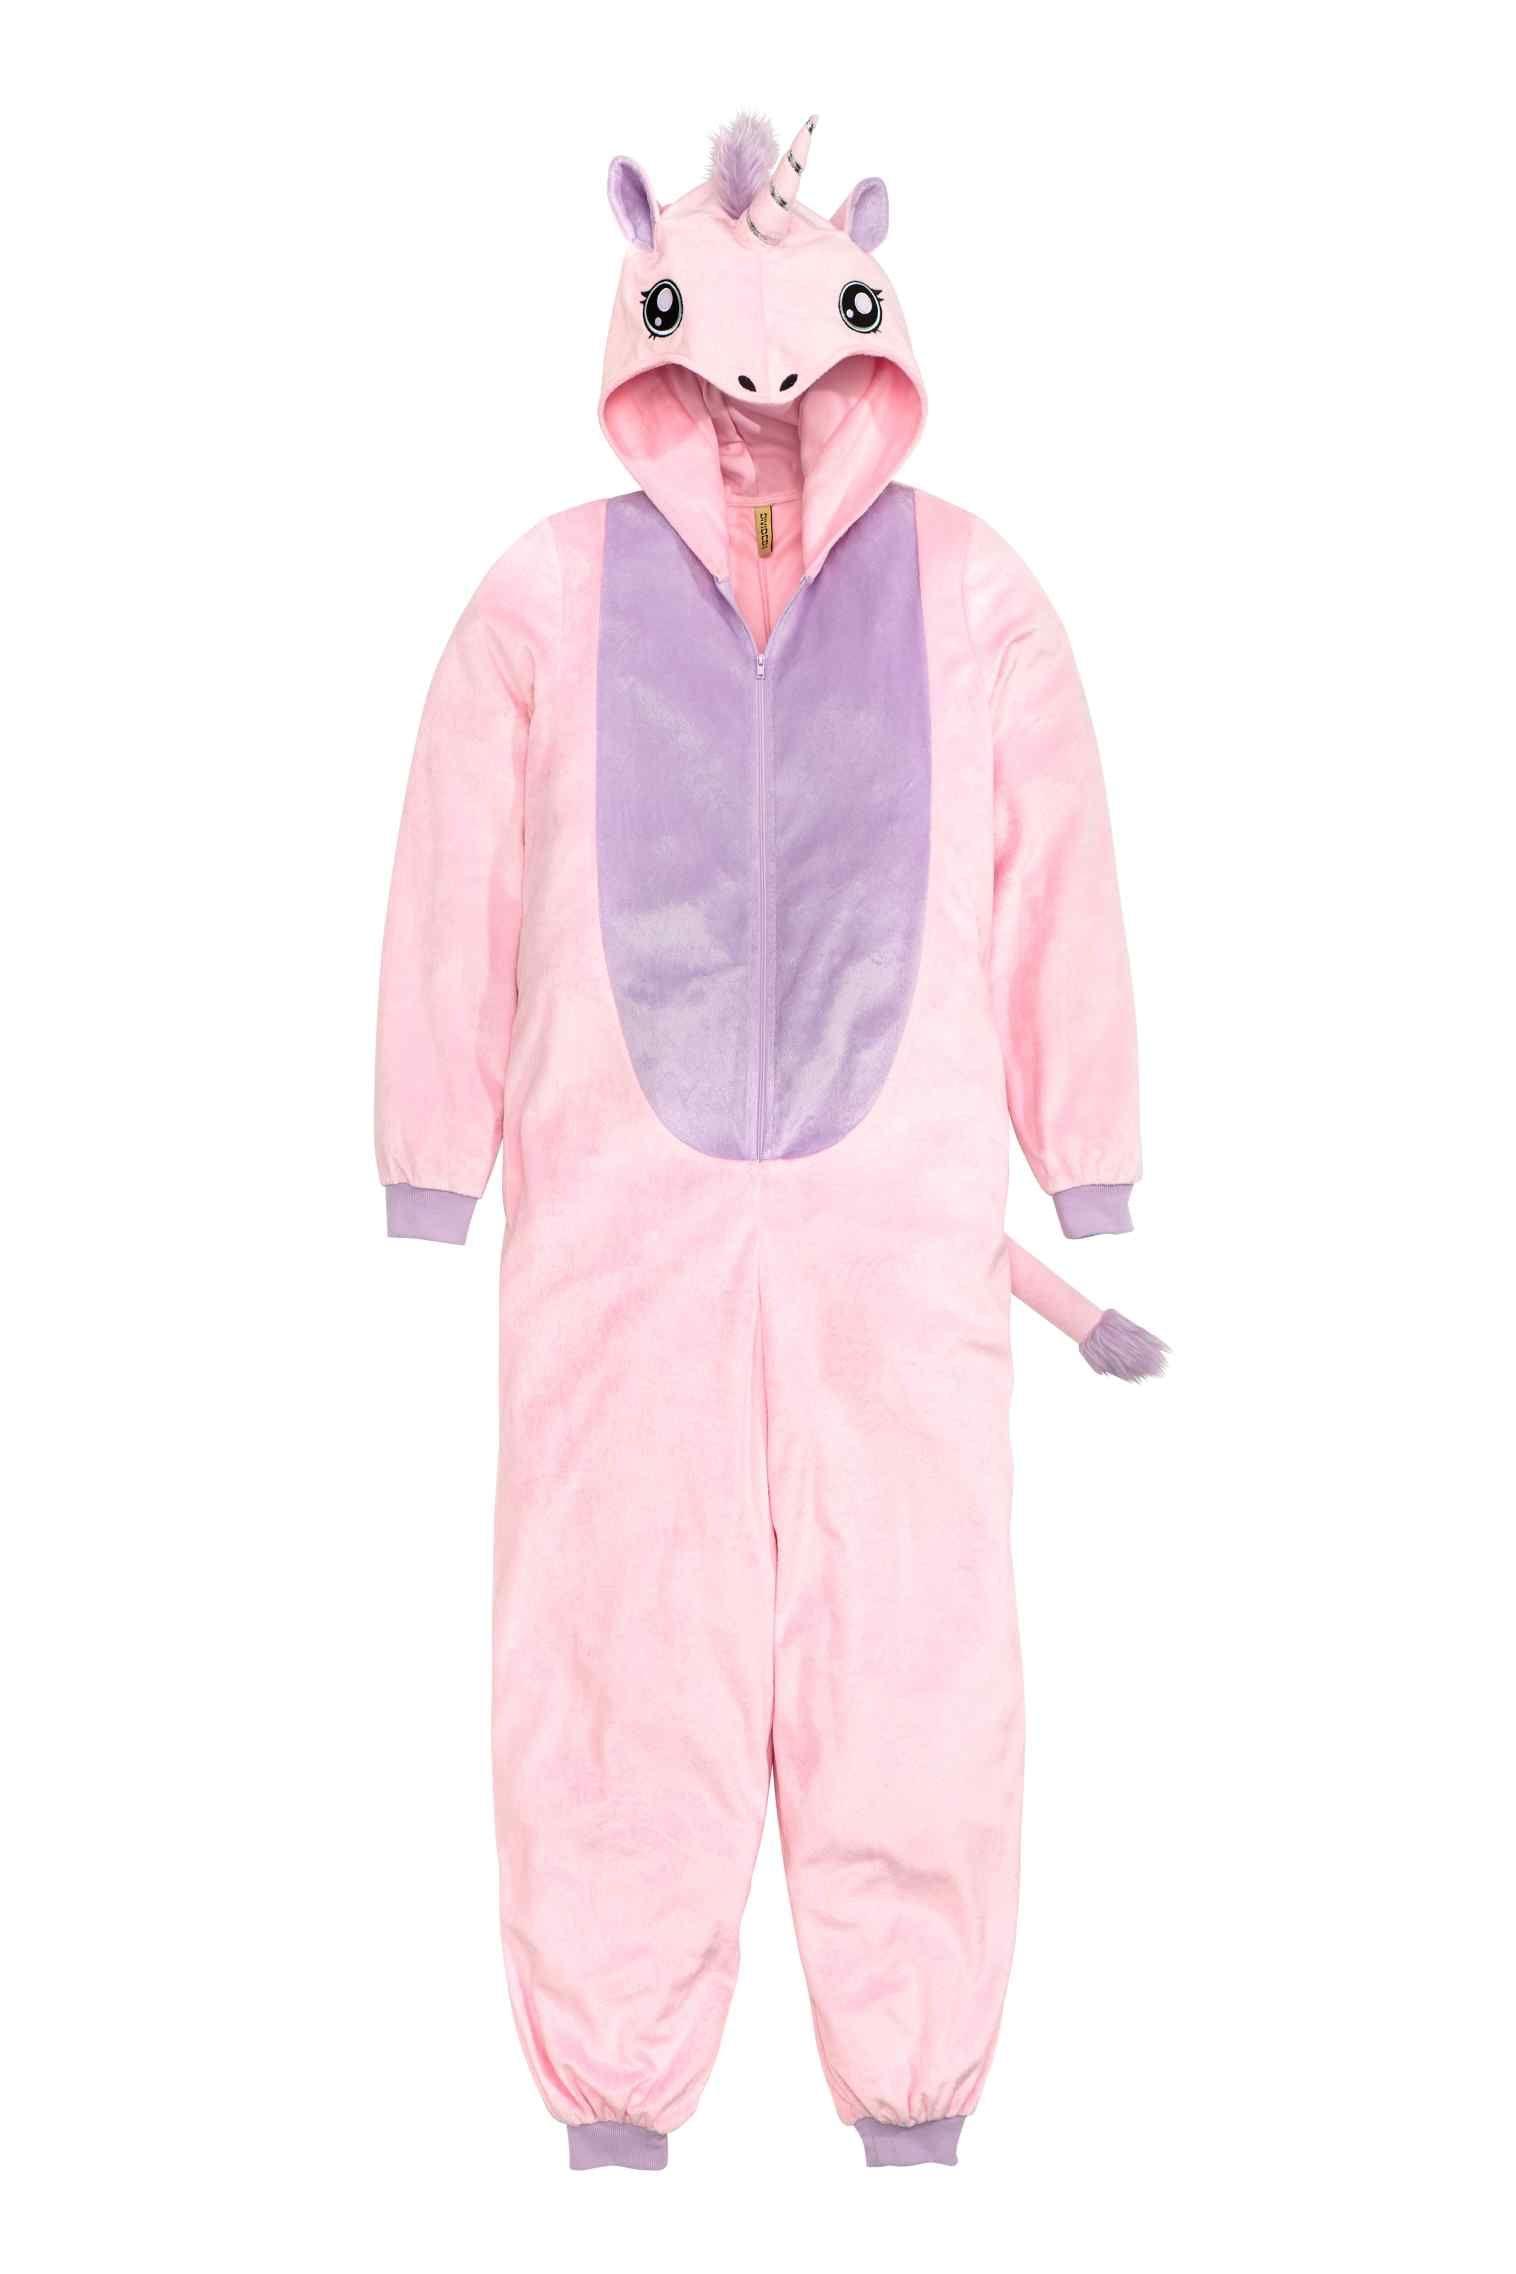 e49b5a9bfd78e Costume de licorne